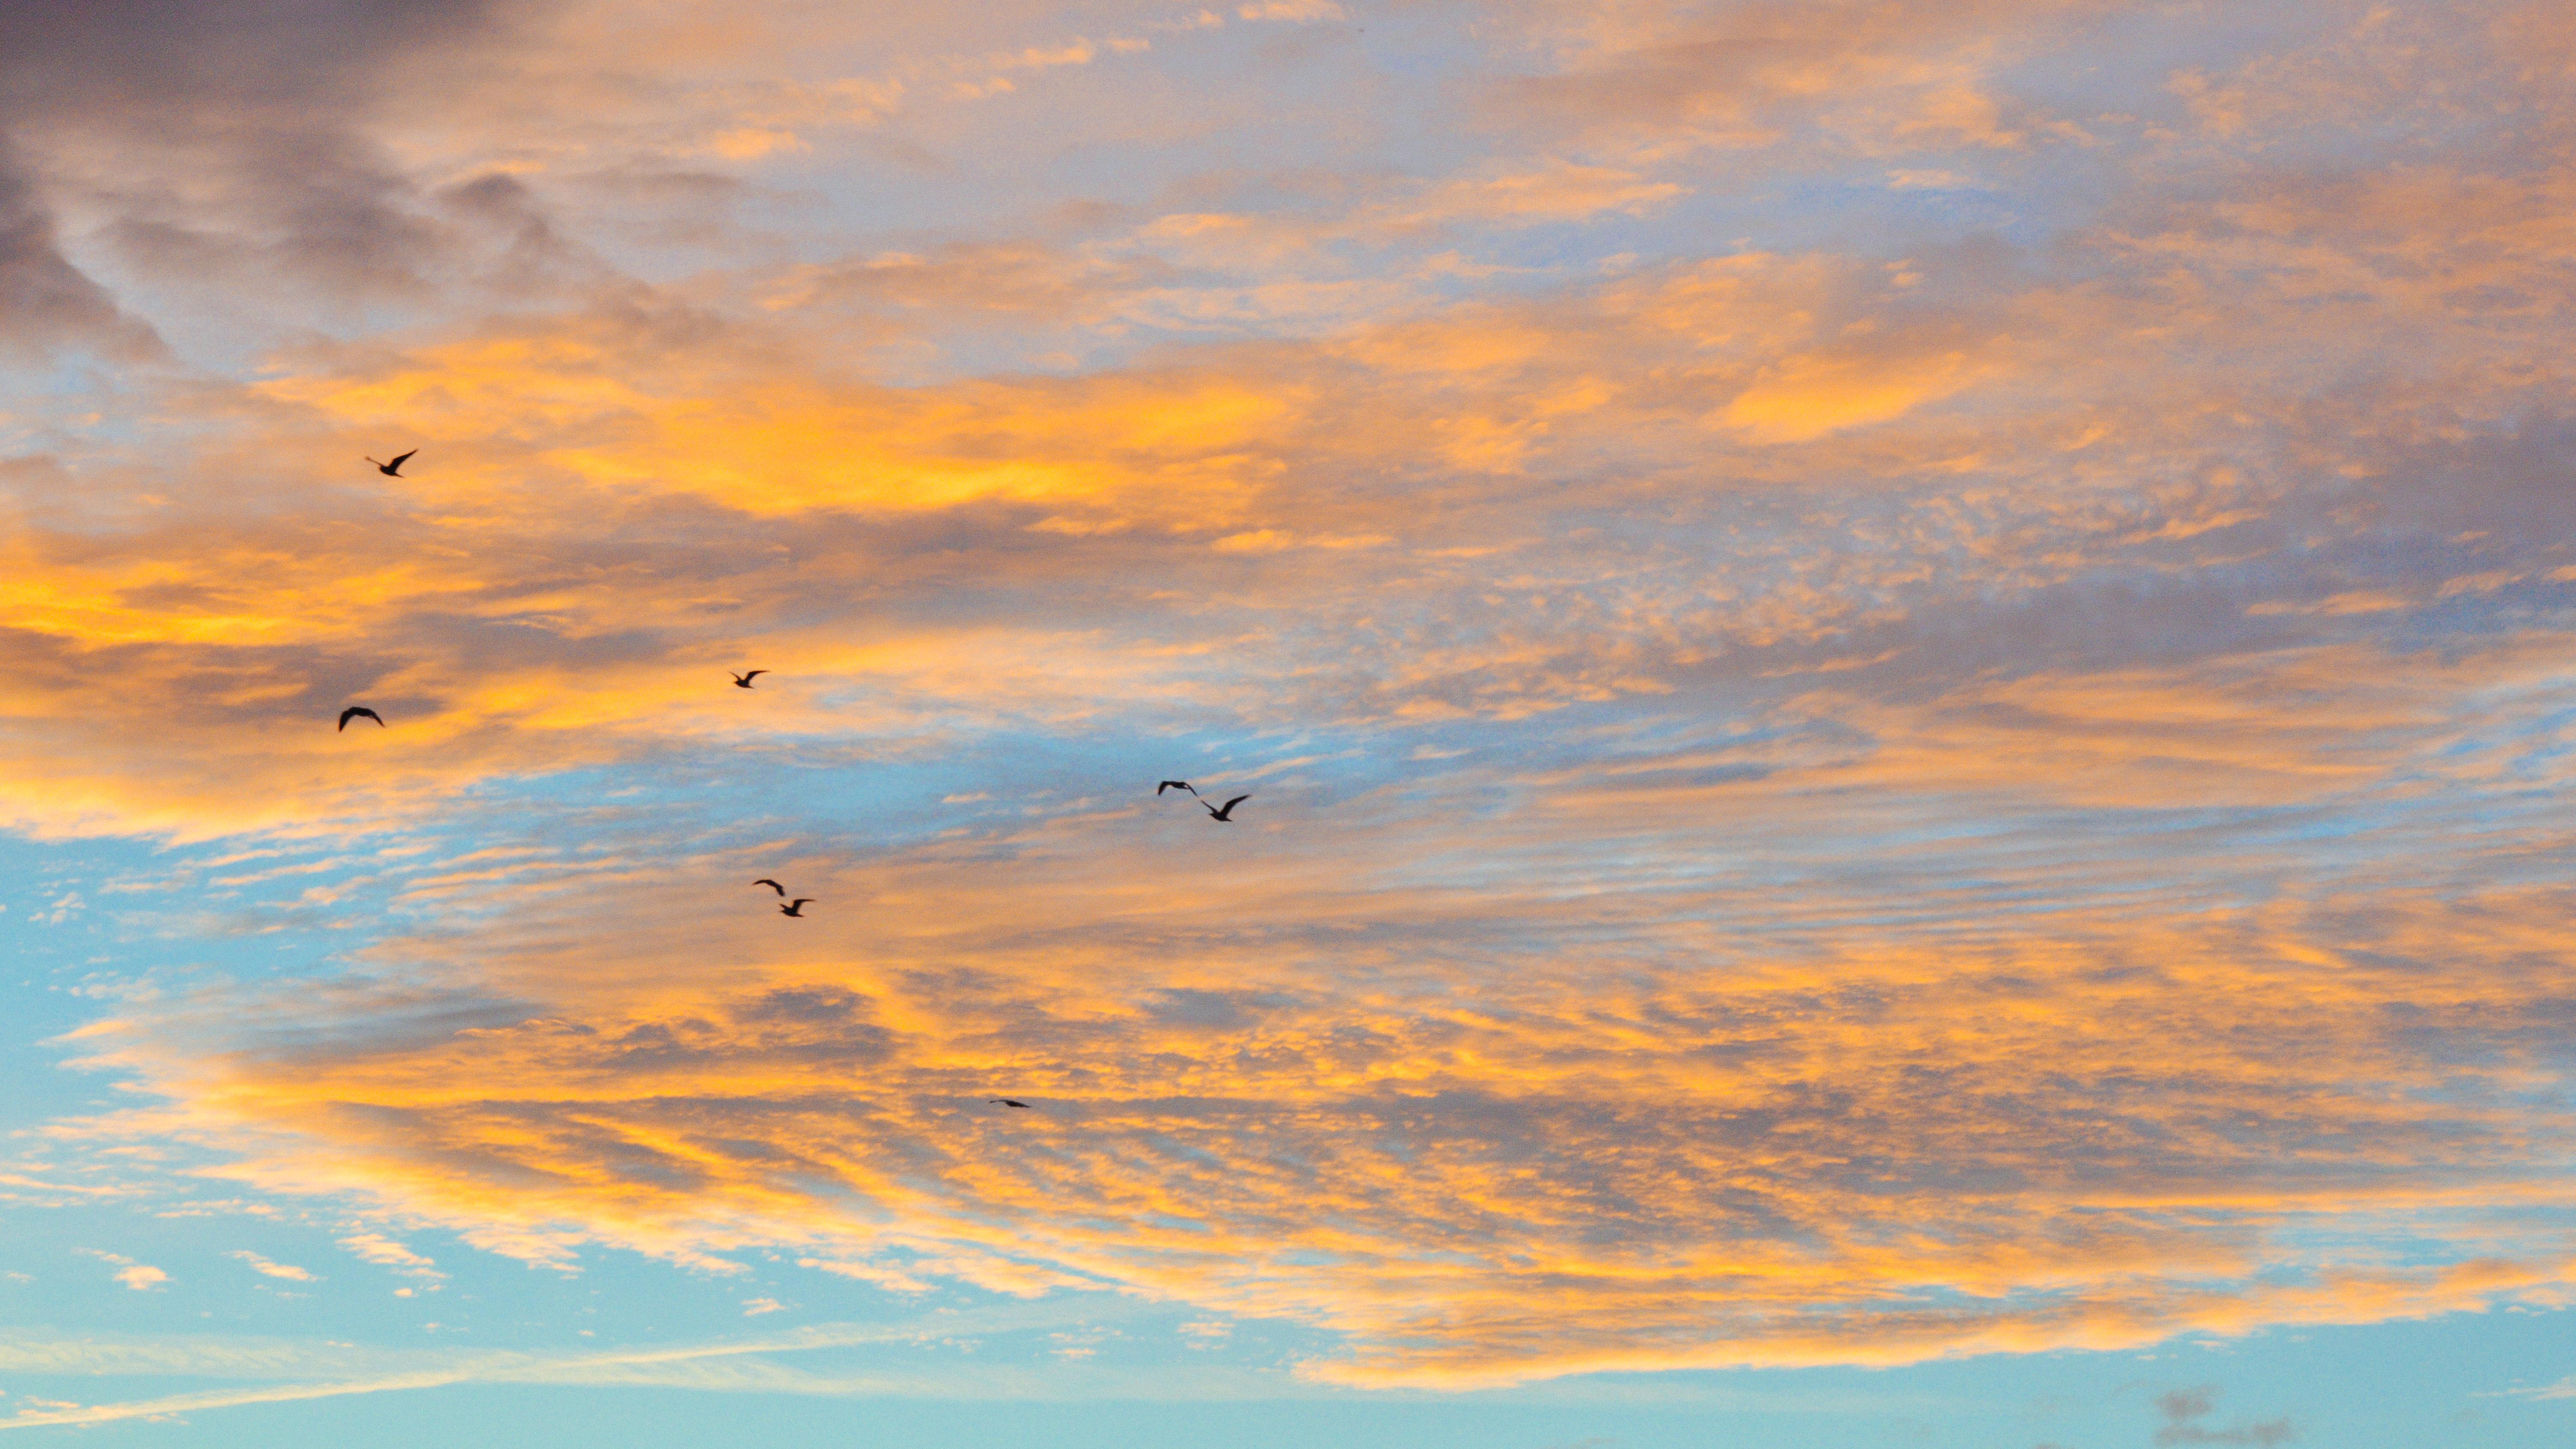 красивое фото облака птицы закат рассвет настоящее время живых